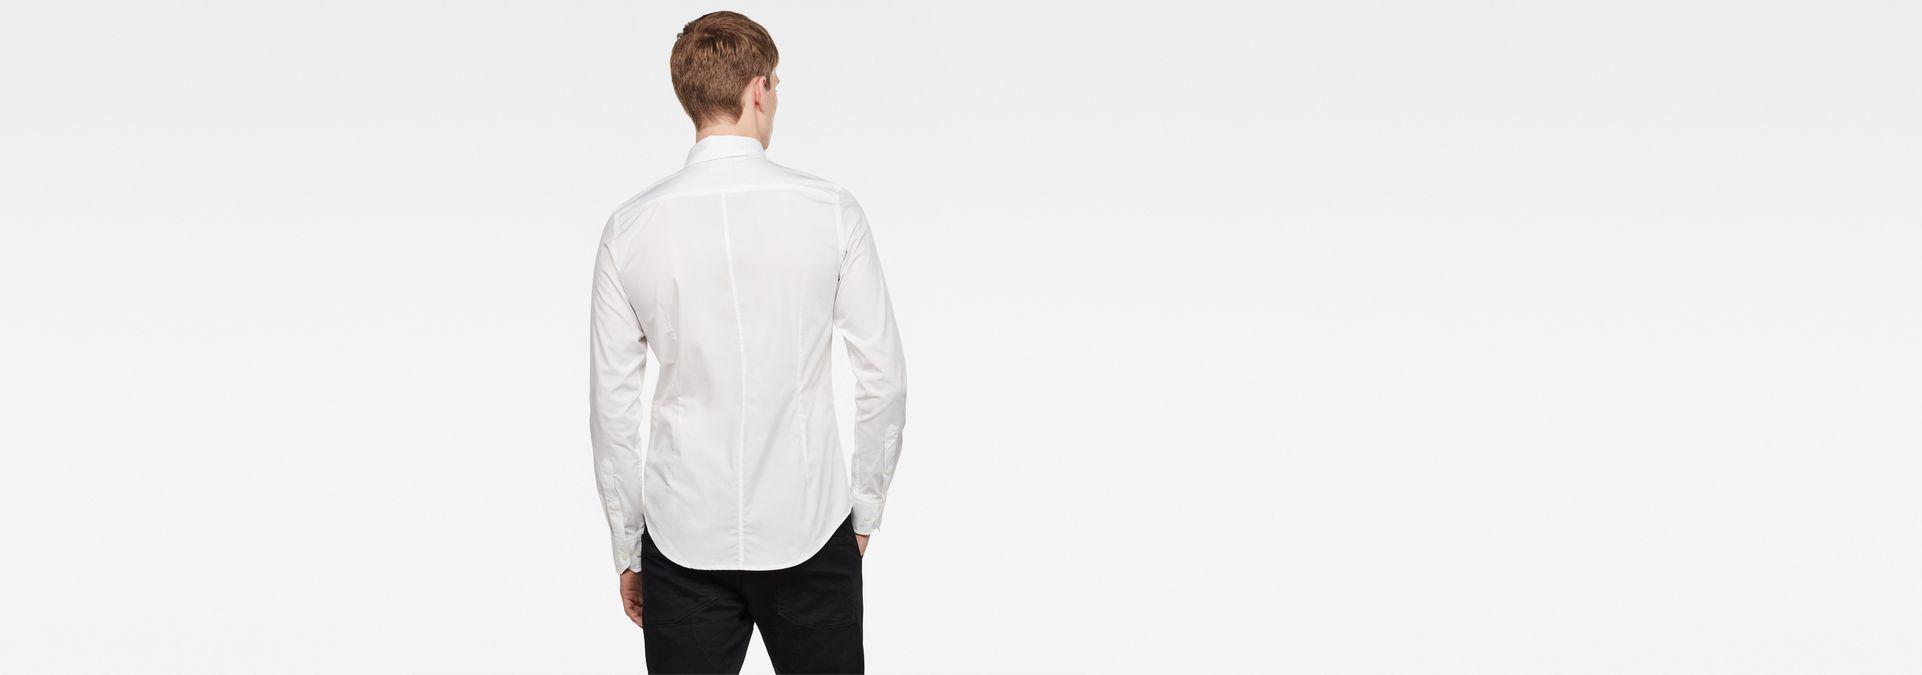 8fe65536cb7 ... G-Star RAW® Core Super Slim Shirt White ...